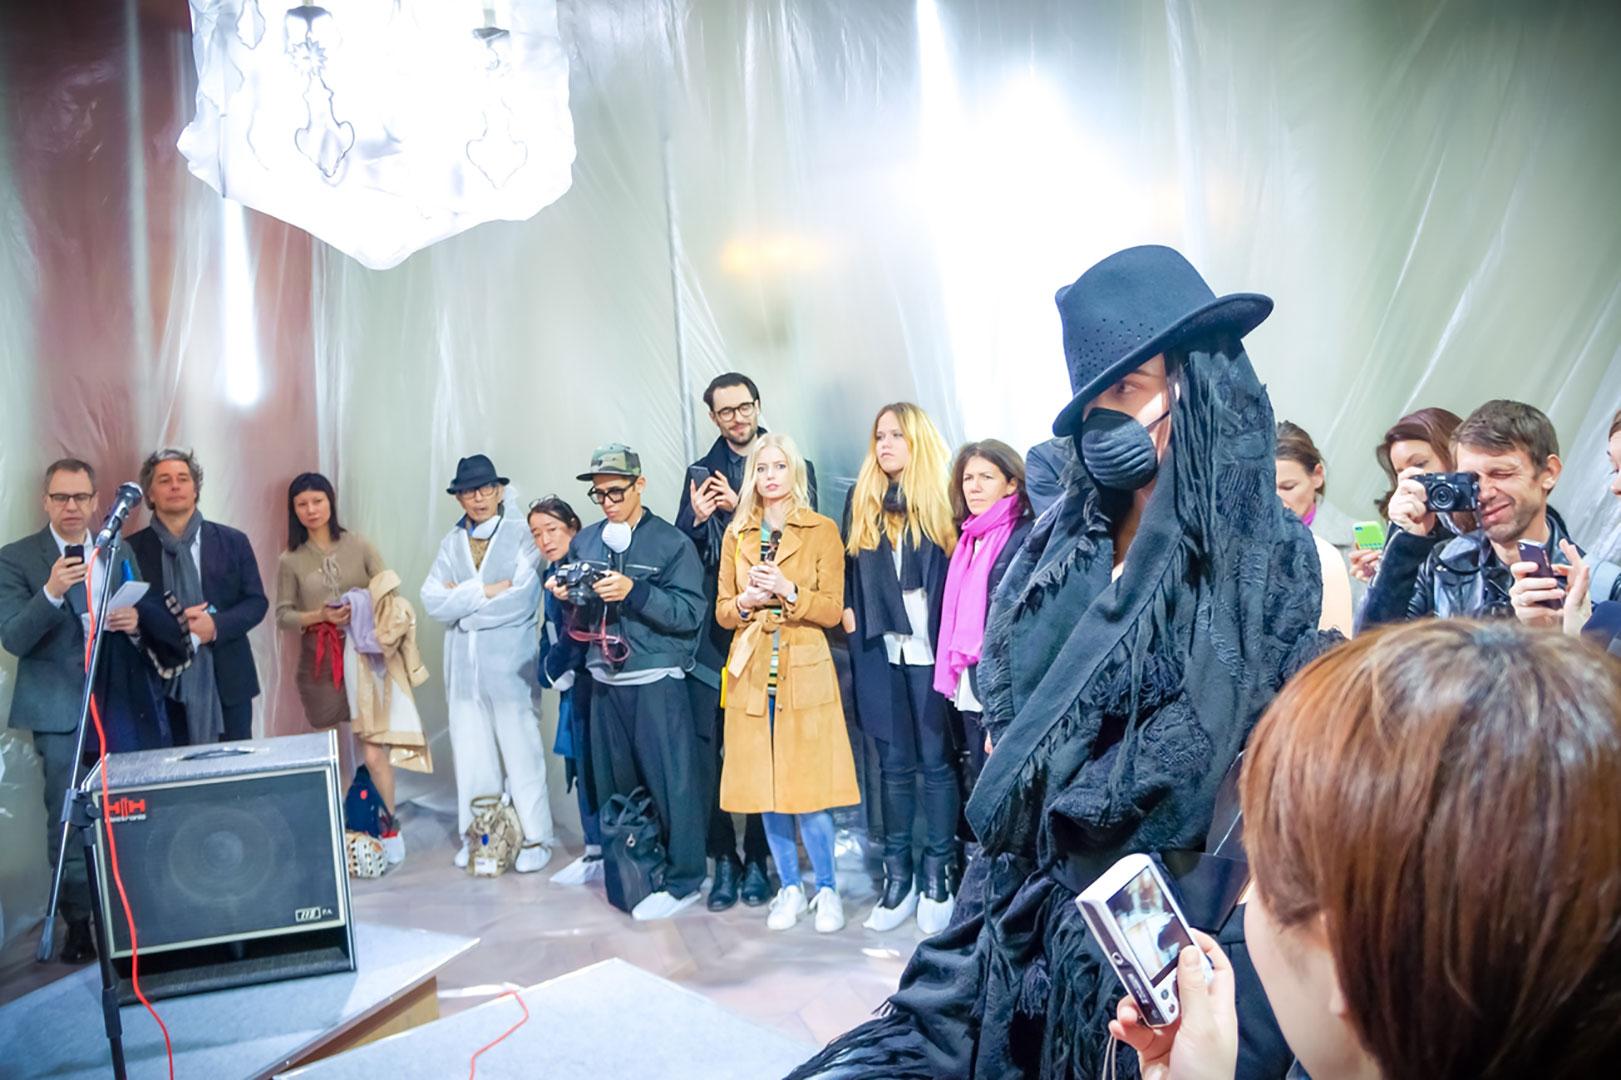 paris-fashion-week-vandevorst-fw16-photo-by-polina-paraskevopoulou-la-vie-en-blog-paris-8